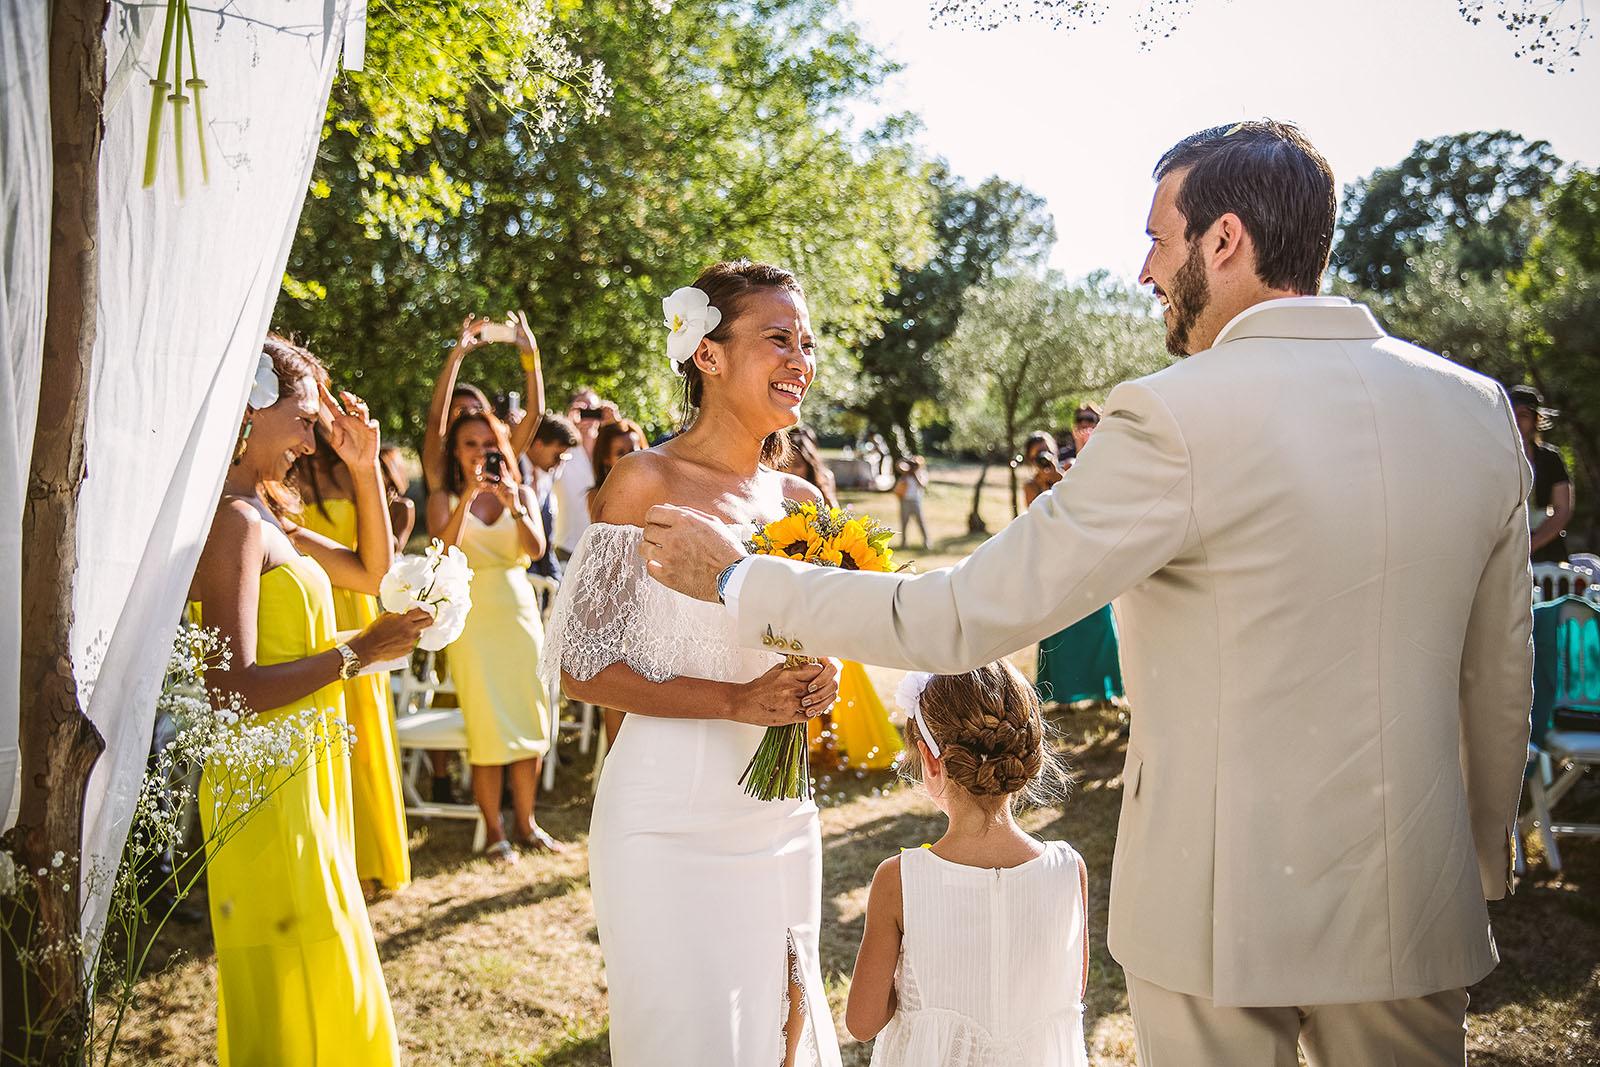 Mariage Mas de La Rouquette. David Pommier photographe de mariage. Cérémonie laïque